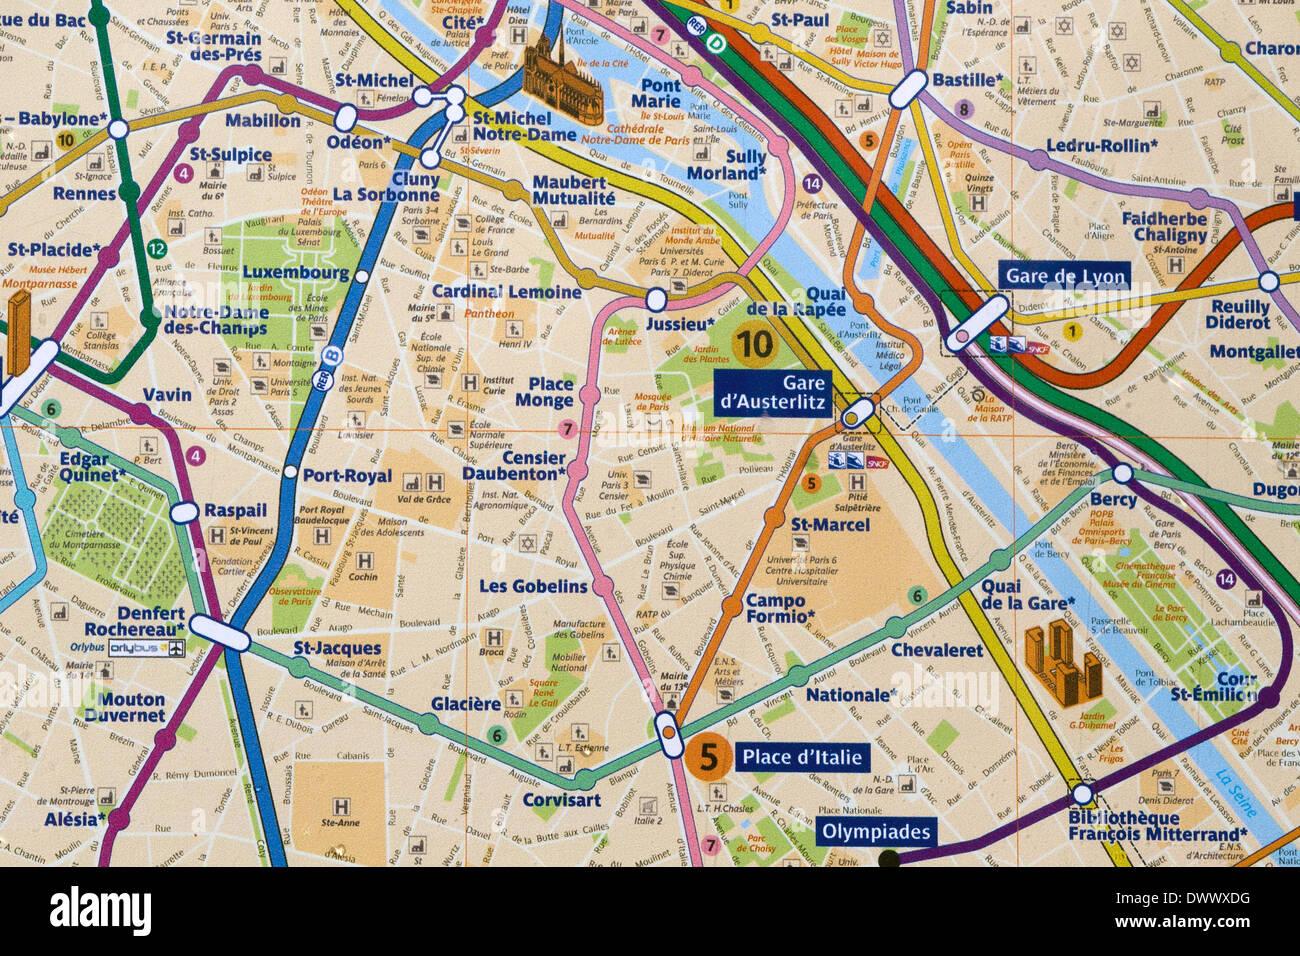 Paris City Map Stock Photos & Paris City Map Stock Images - Alamy on